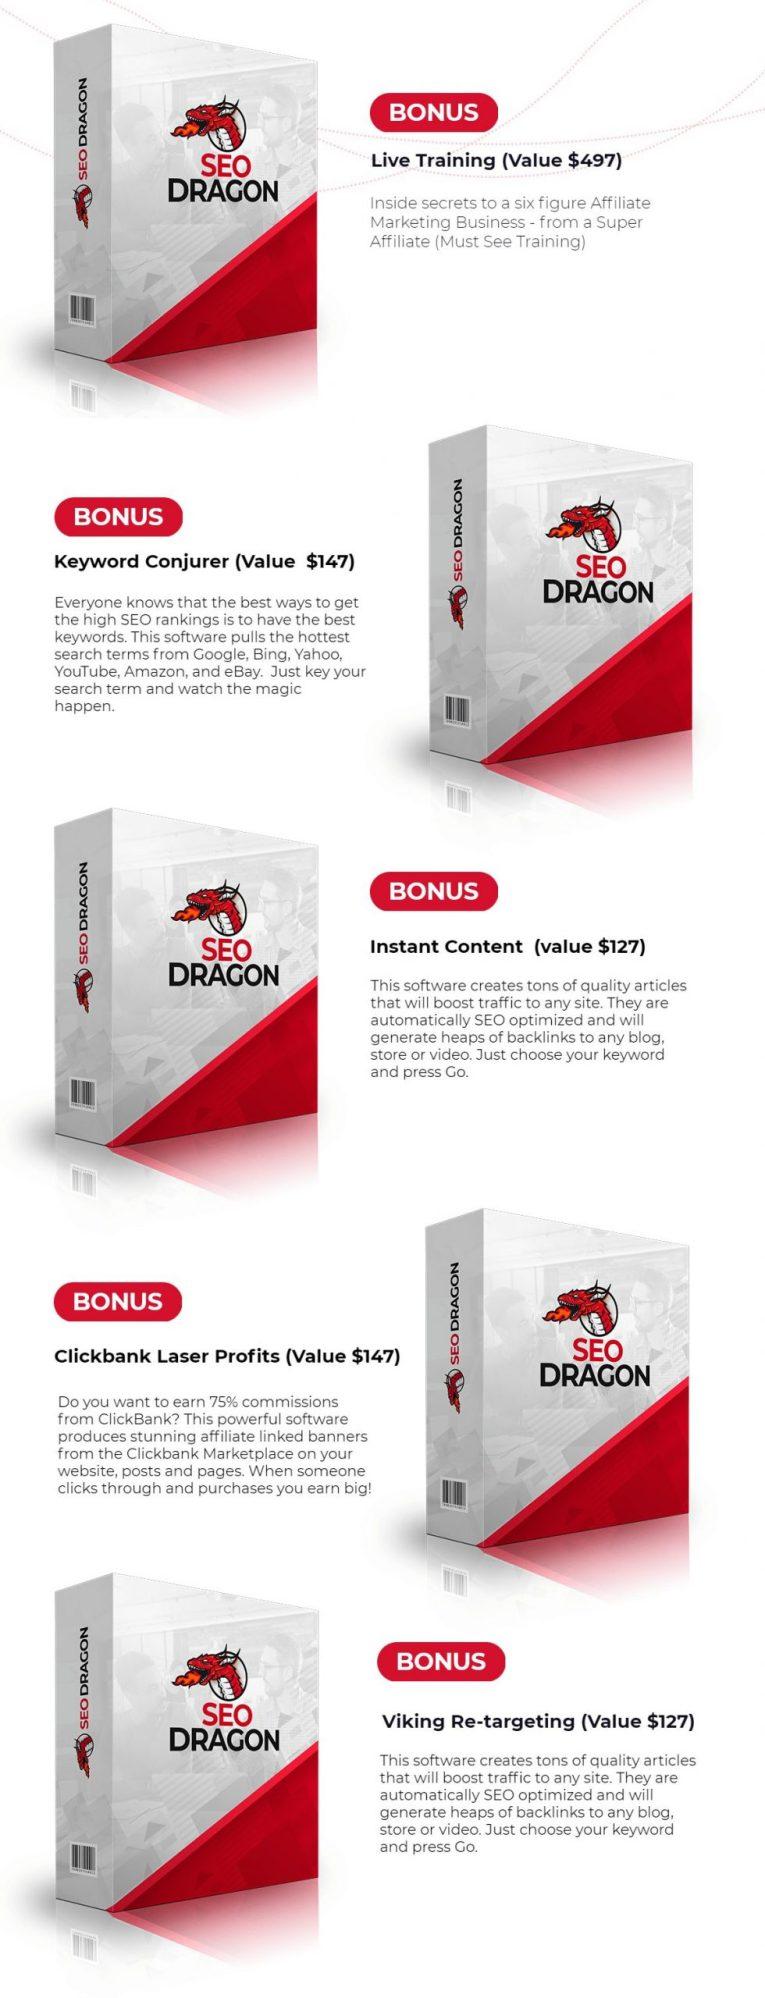 SEO Dragon bonus